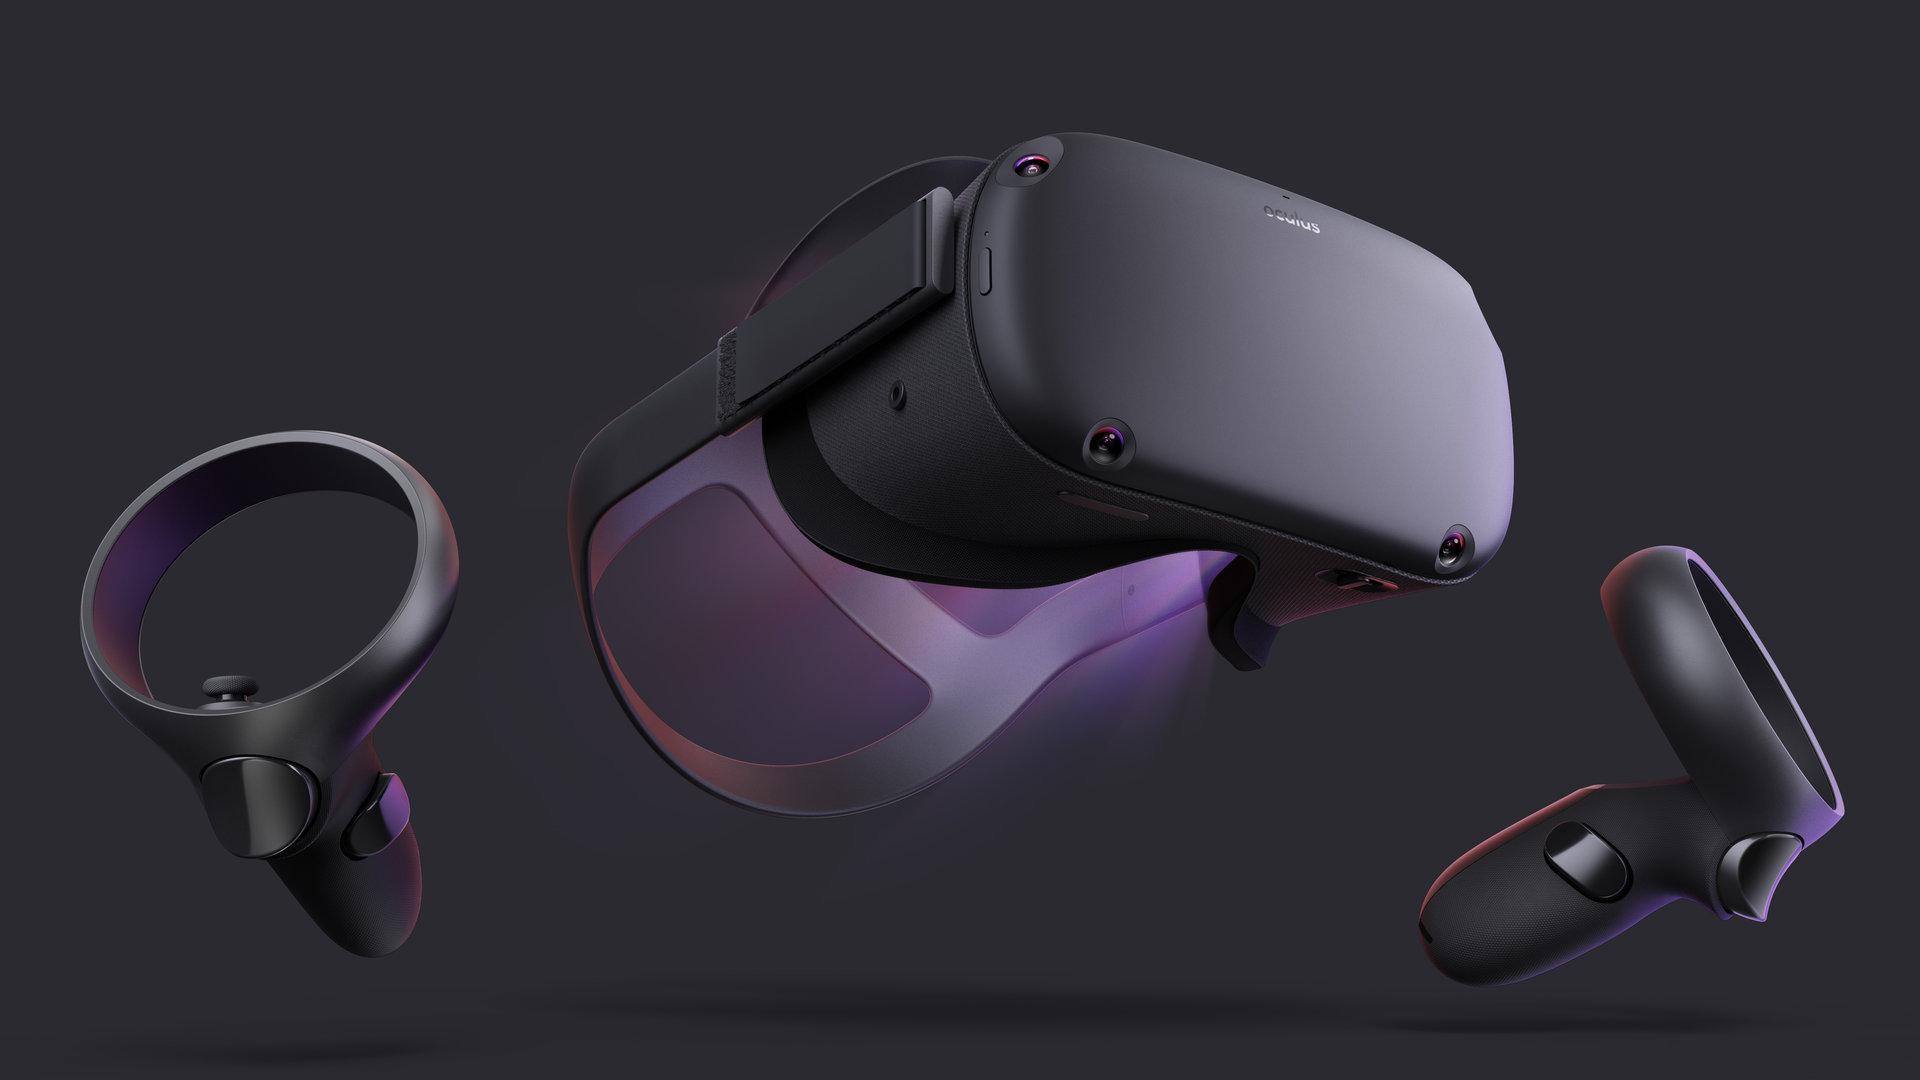 Oculus Quest – Front